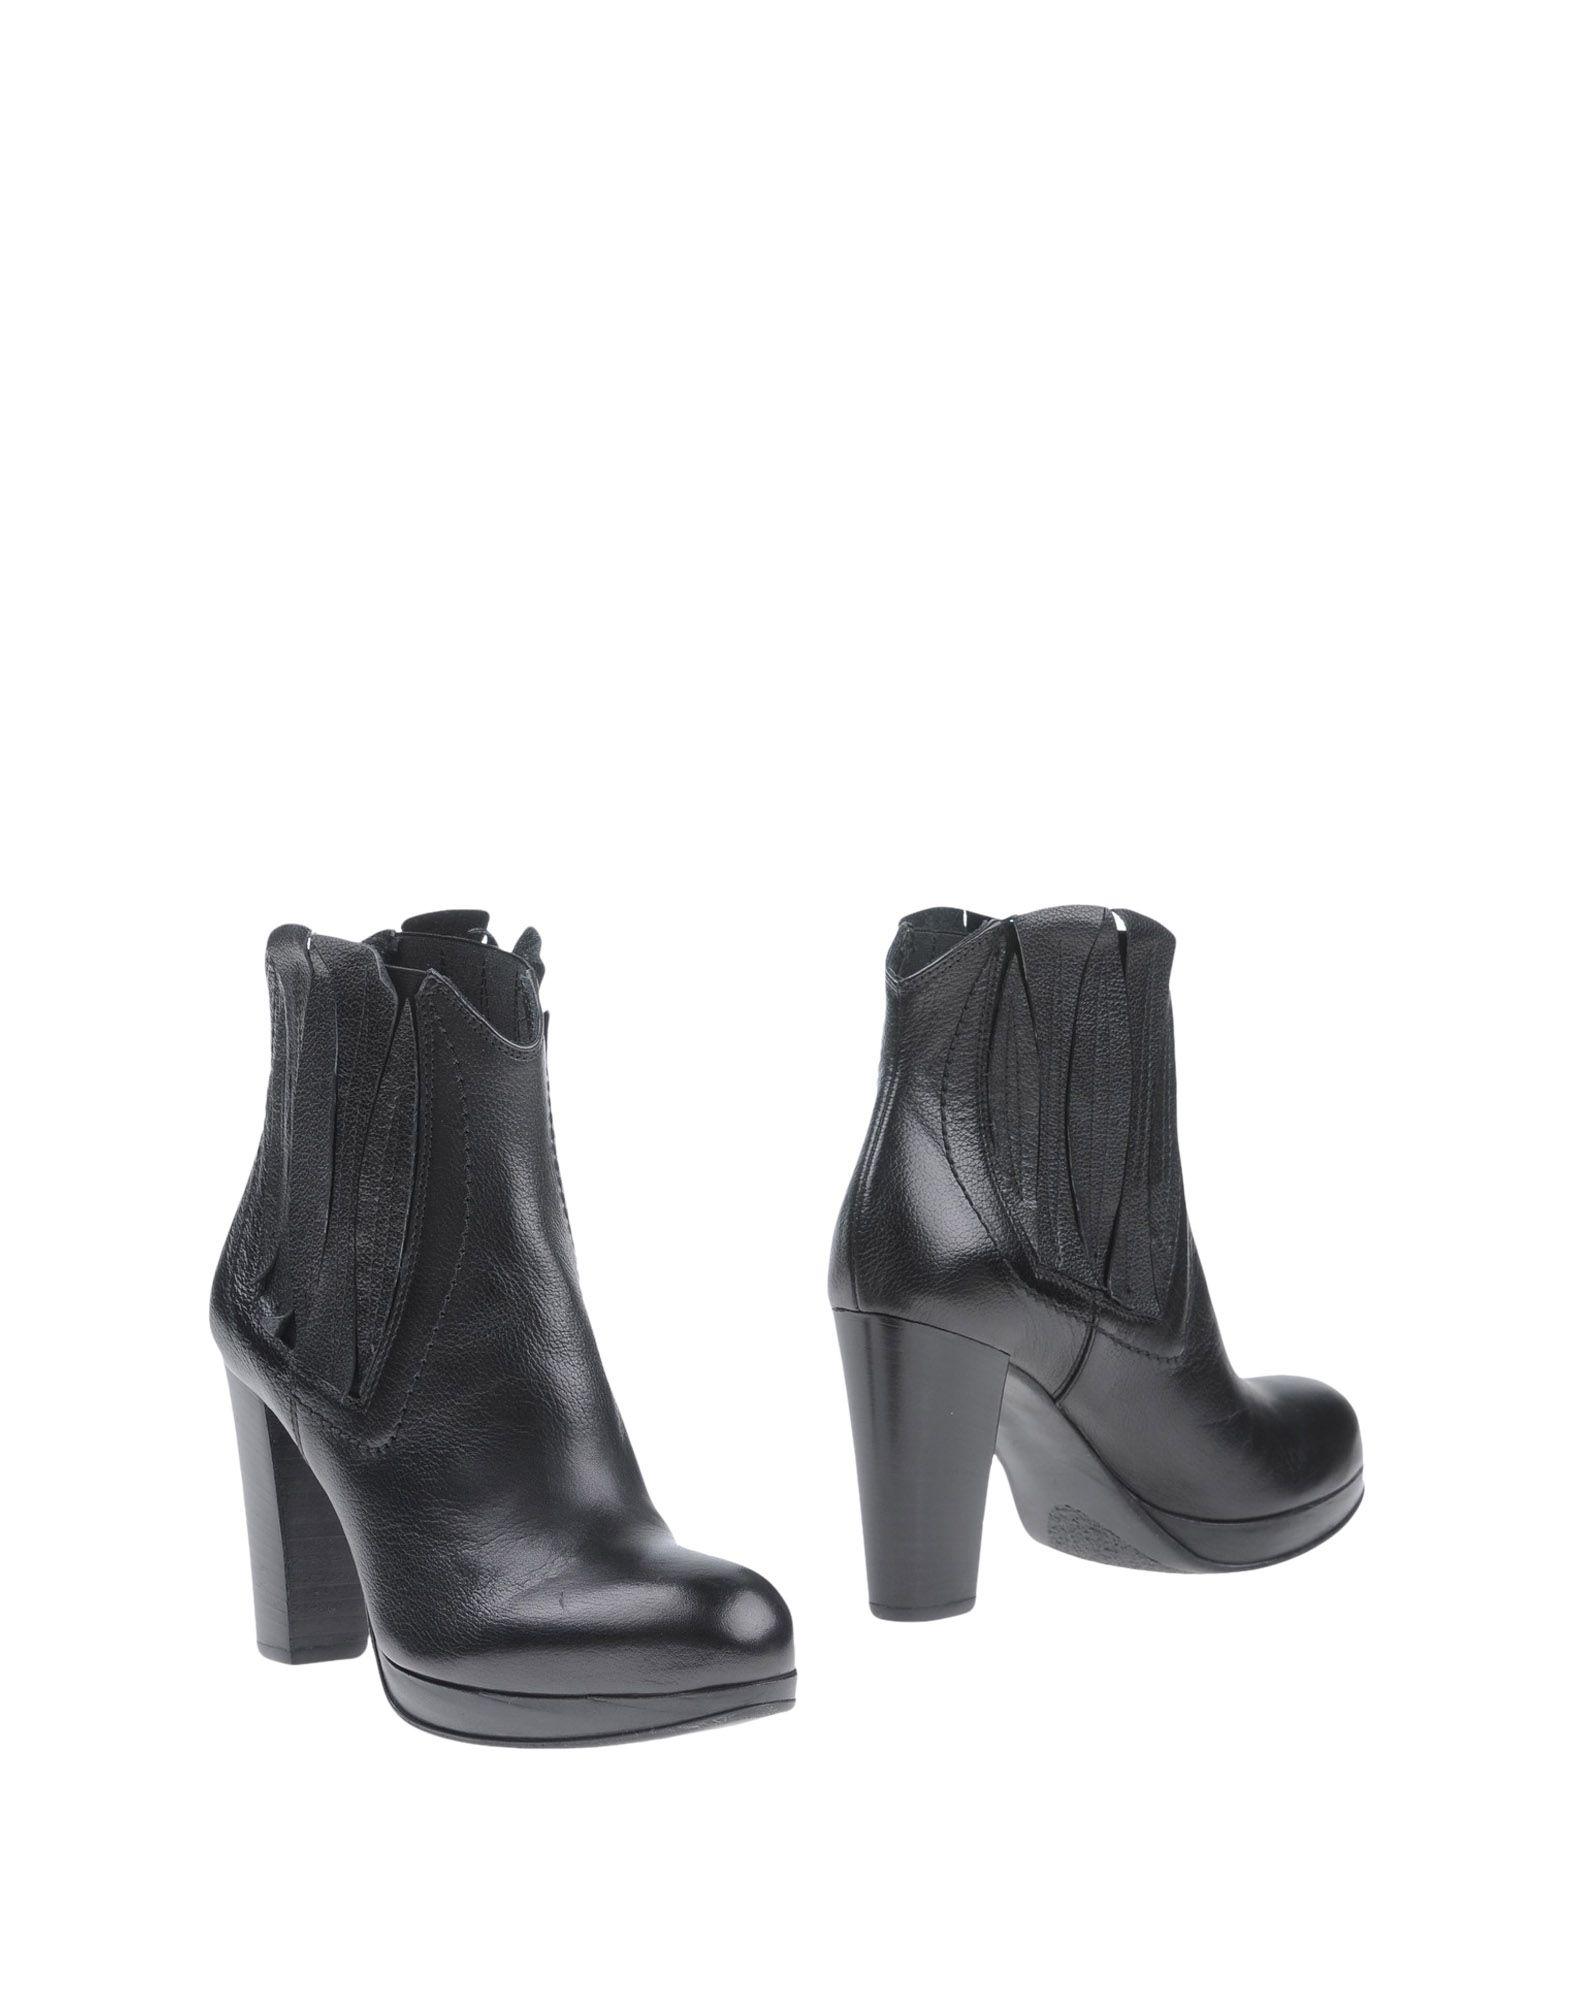 Manufacture D'essai Stiefelette Damen  11357619DX Gute Qualität beliebte Schuhe